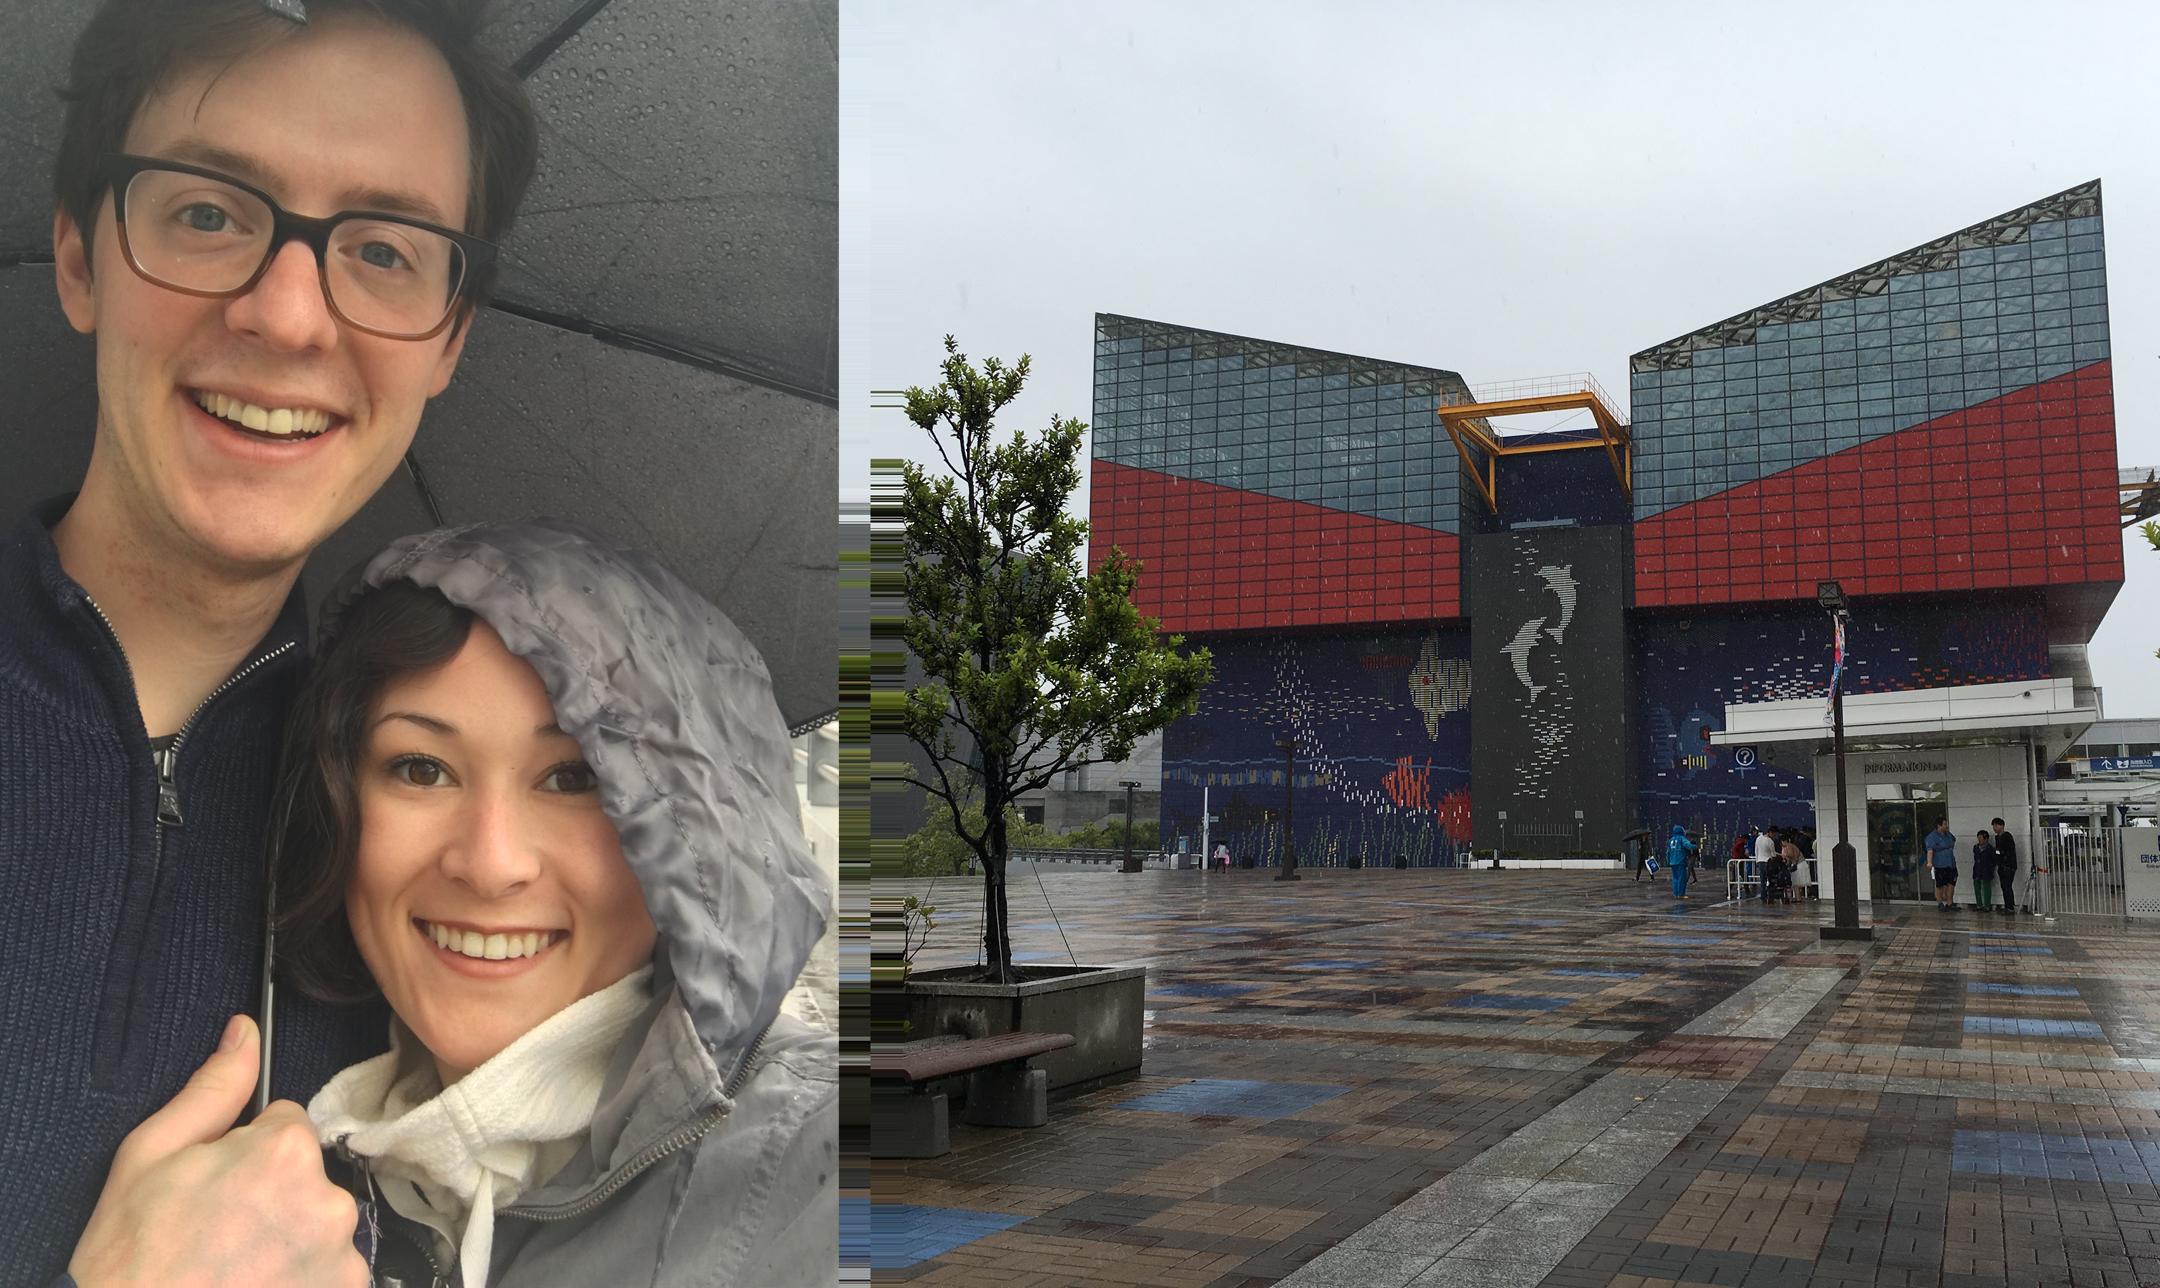 Michael and I at the Osaka Aquarium Kaiyukan on a rainy day.